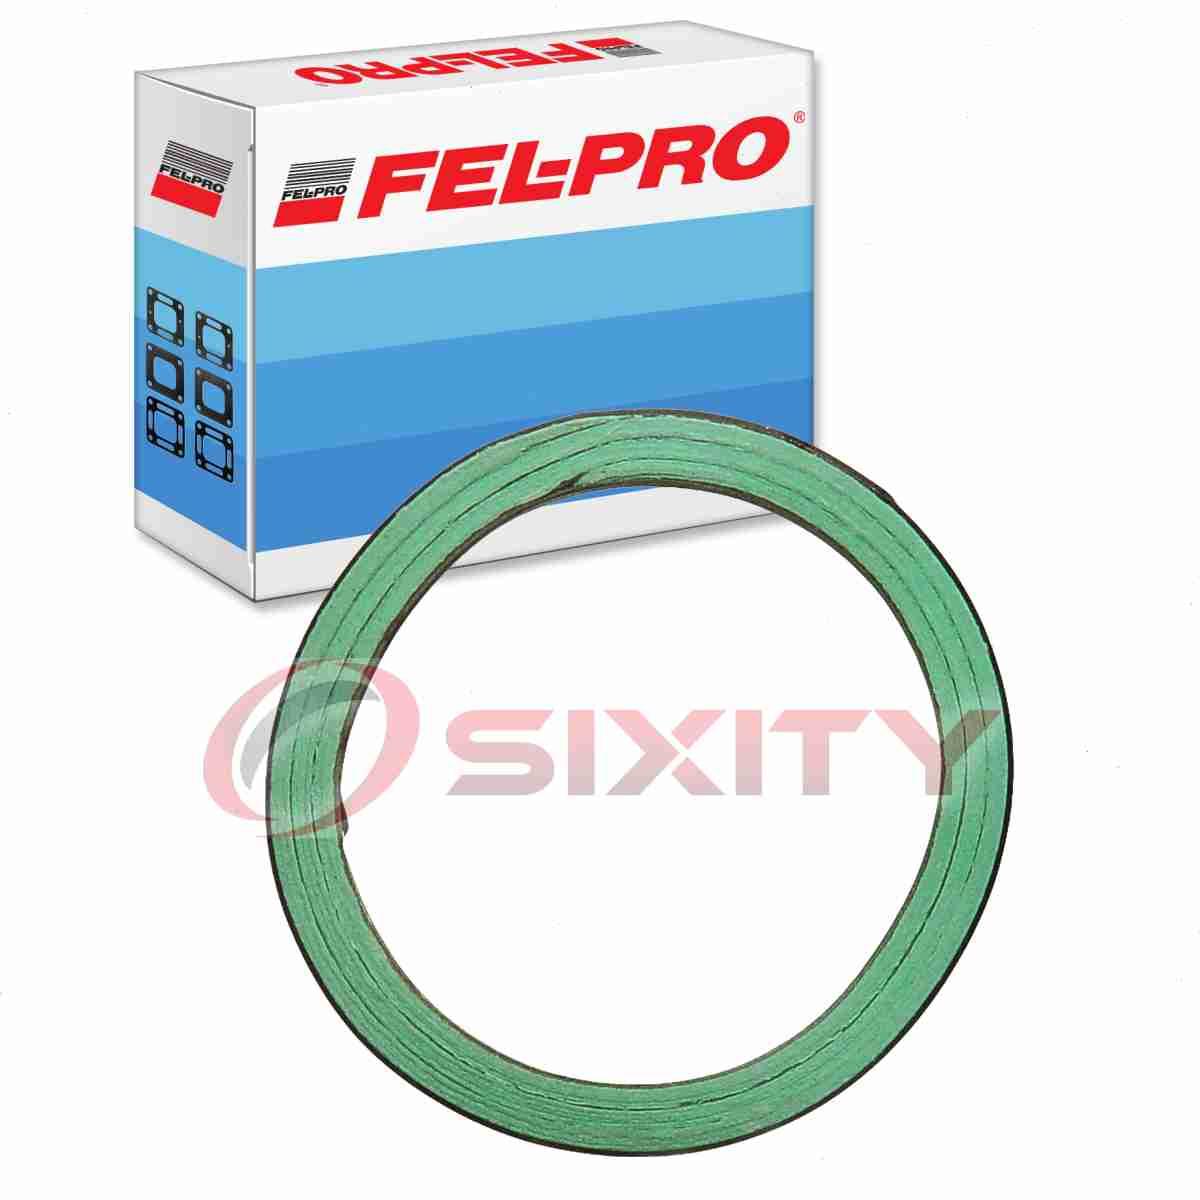 kj Fel-Pro Exhaust Pipe Flange Gasket for 1996-2005 Toyota RAV4 FelPro